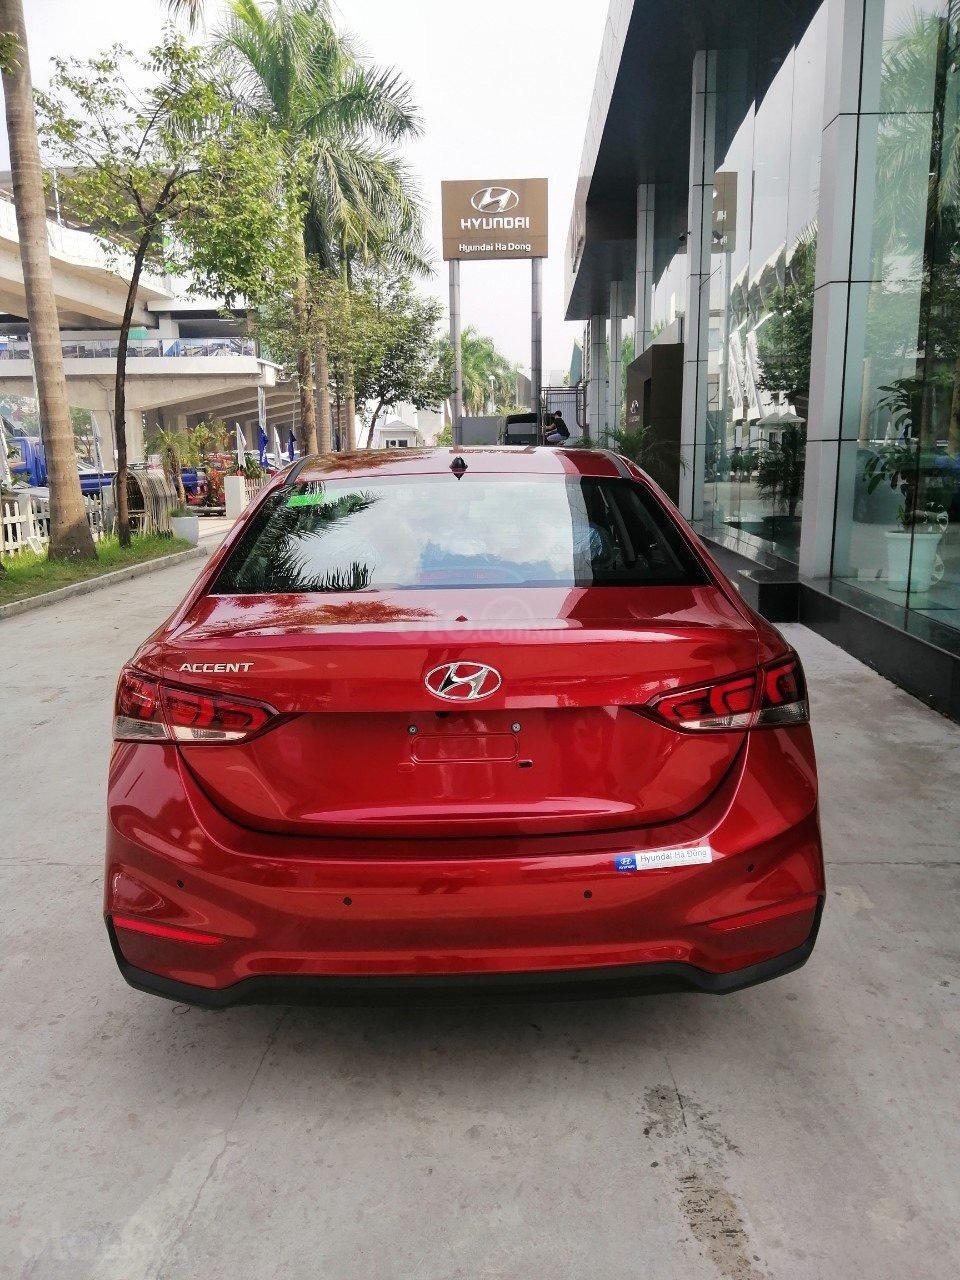 Giảm giá đẩy xe Hyundai Accent 2019 trong T10 trọn gói chỉ với 125tr, KM siêu lớn, LH 0901078111 để ép giá (3)